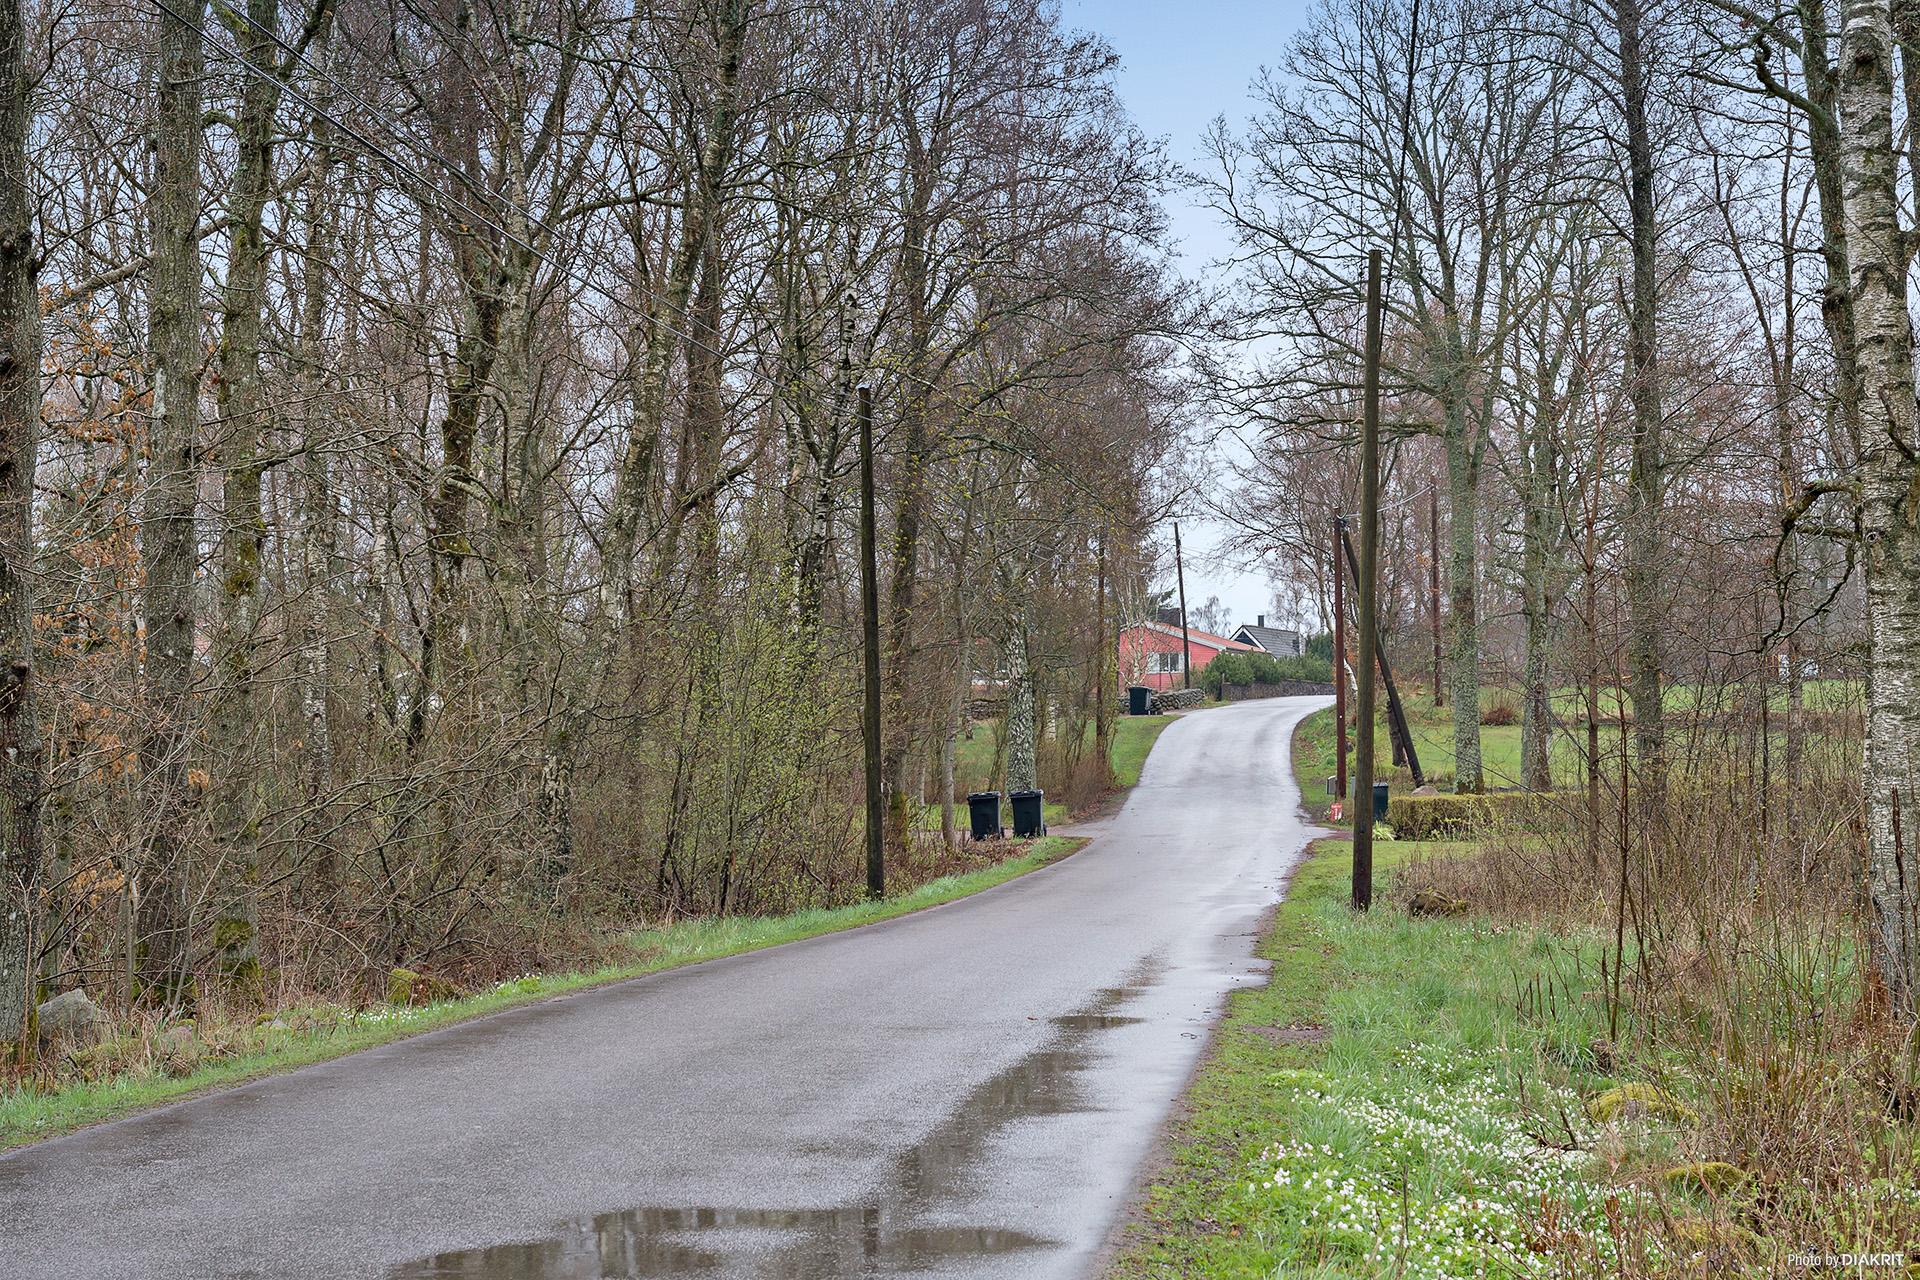 Genom den mysiga skogen slingrar sig vägen som tar dig till Gånarps Backaväg 85.